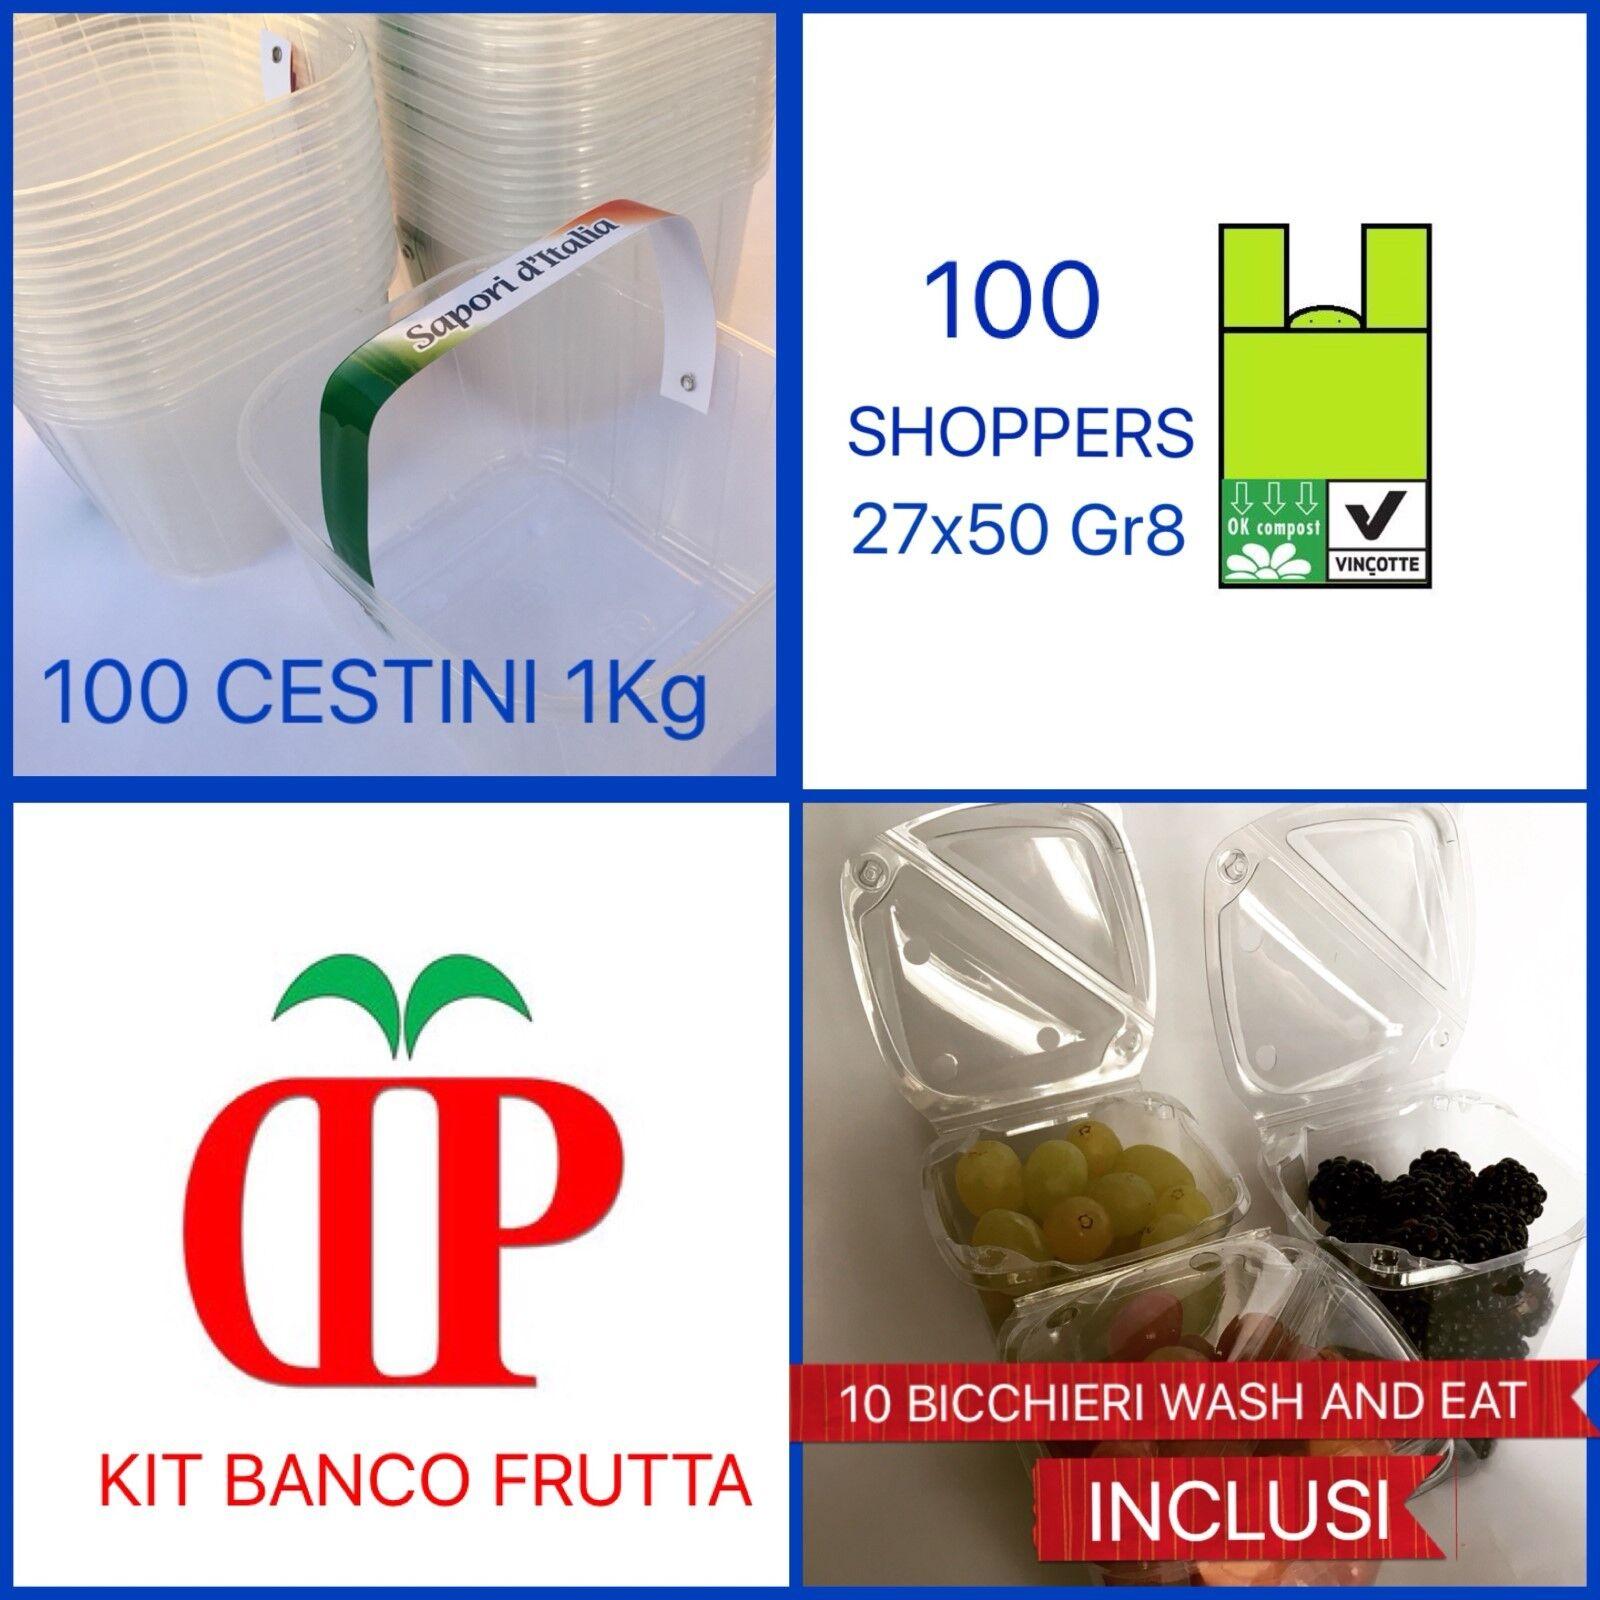 100 CESTINI PLASTICA PER FRUTTA DA 1KG CON MANICO+100 SHOPPERS BIO27x50 DA GR8